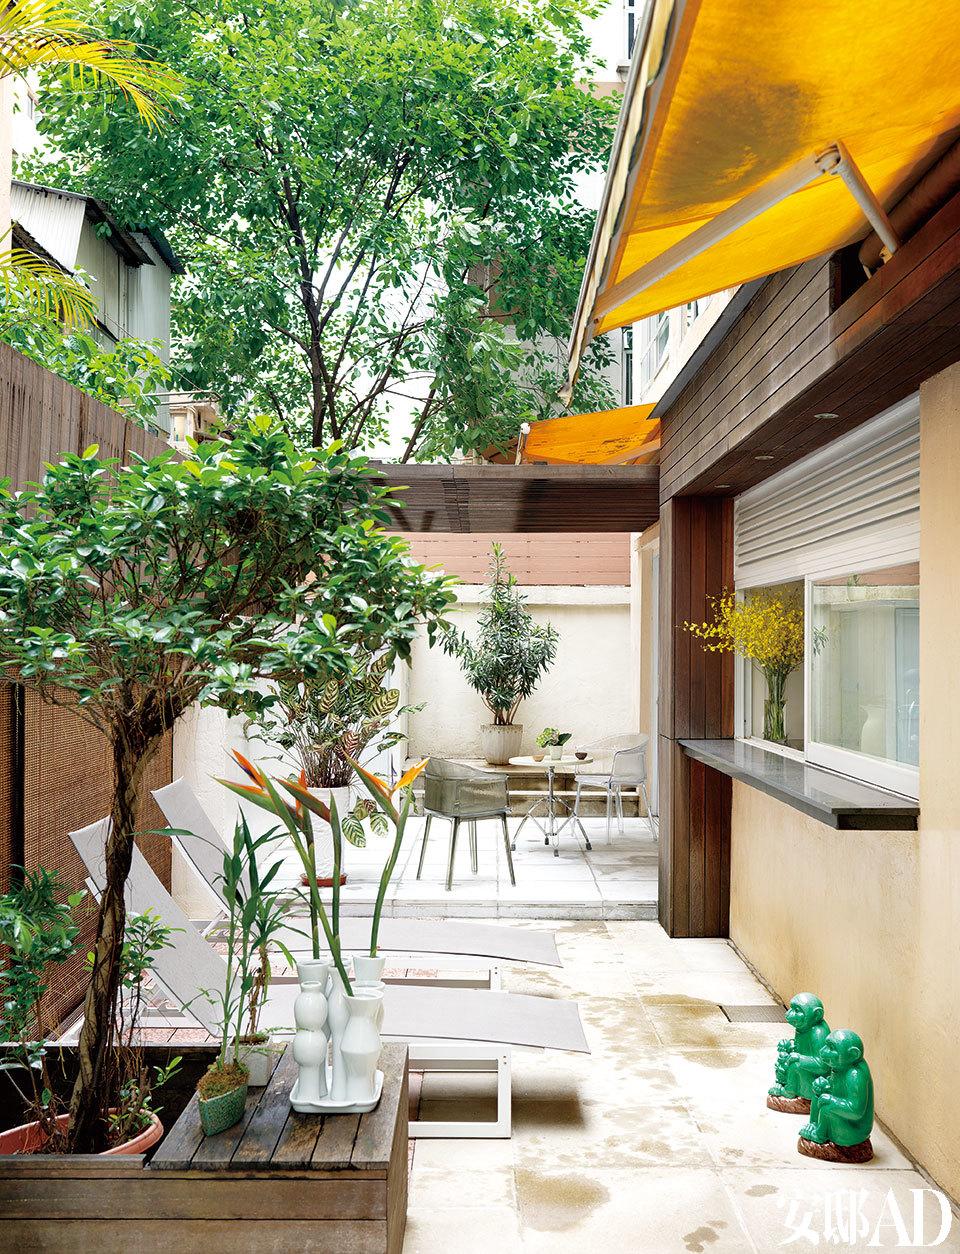 这里是躁动城市中的一片绿洲,室外空间让公寓的使用面积几乎翻了一番,并且通过推拉窗可以与厨房和吧台相通,热情好客的夫妇二人乐得在此宴请好友。